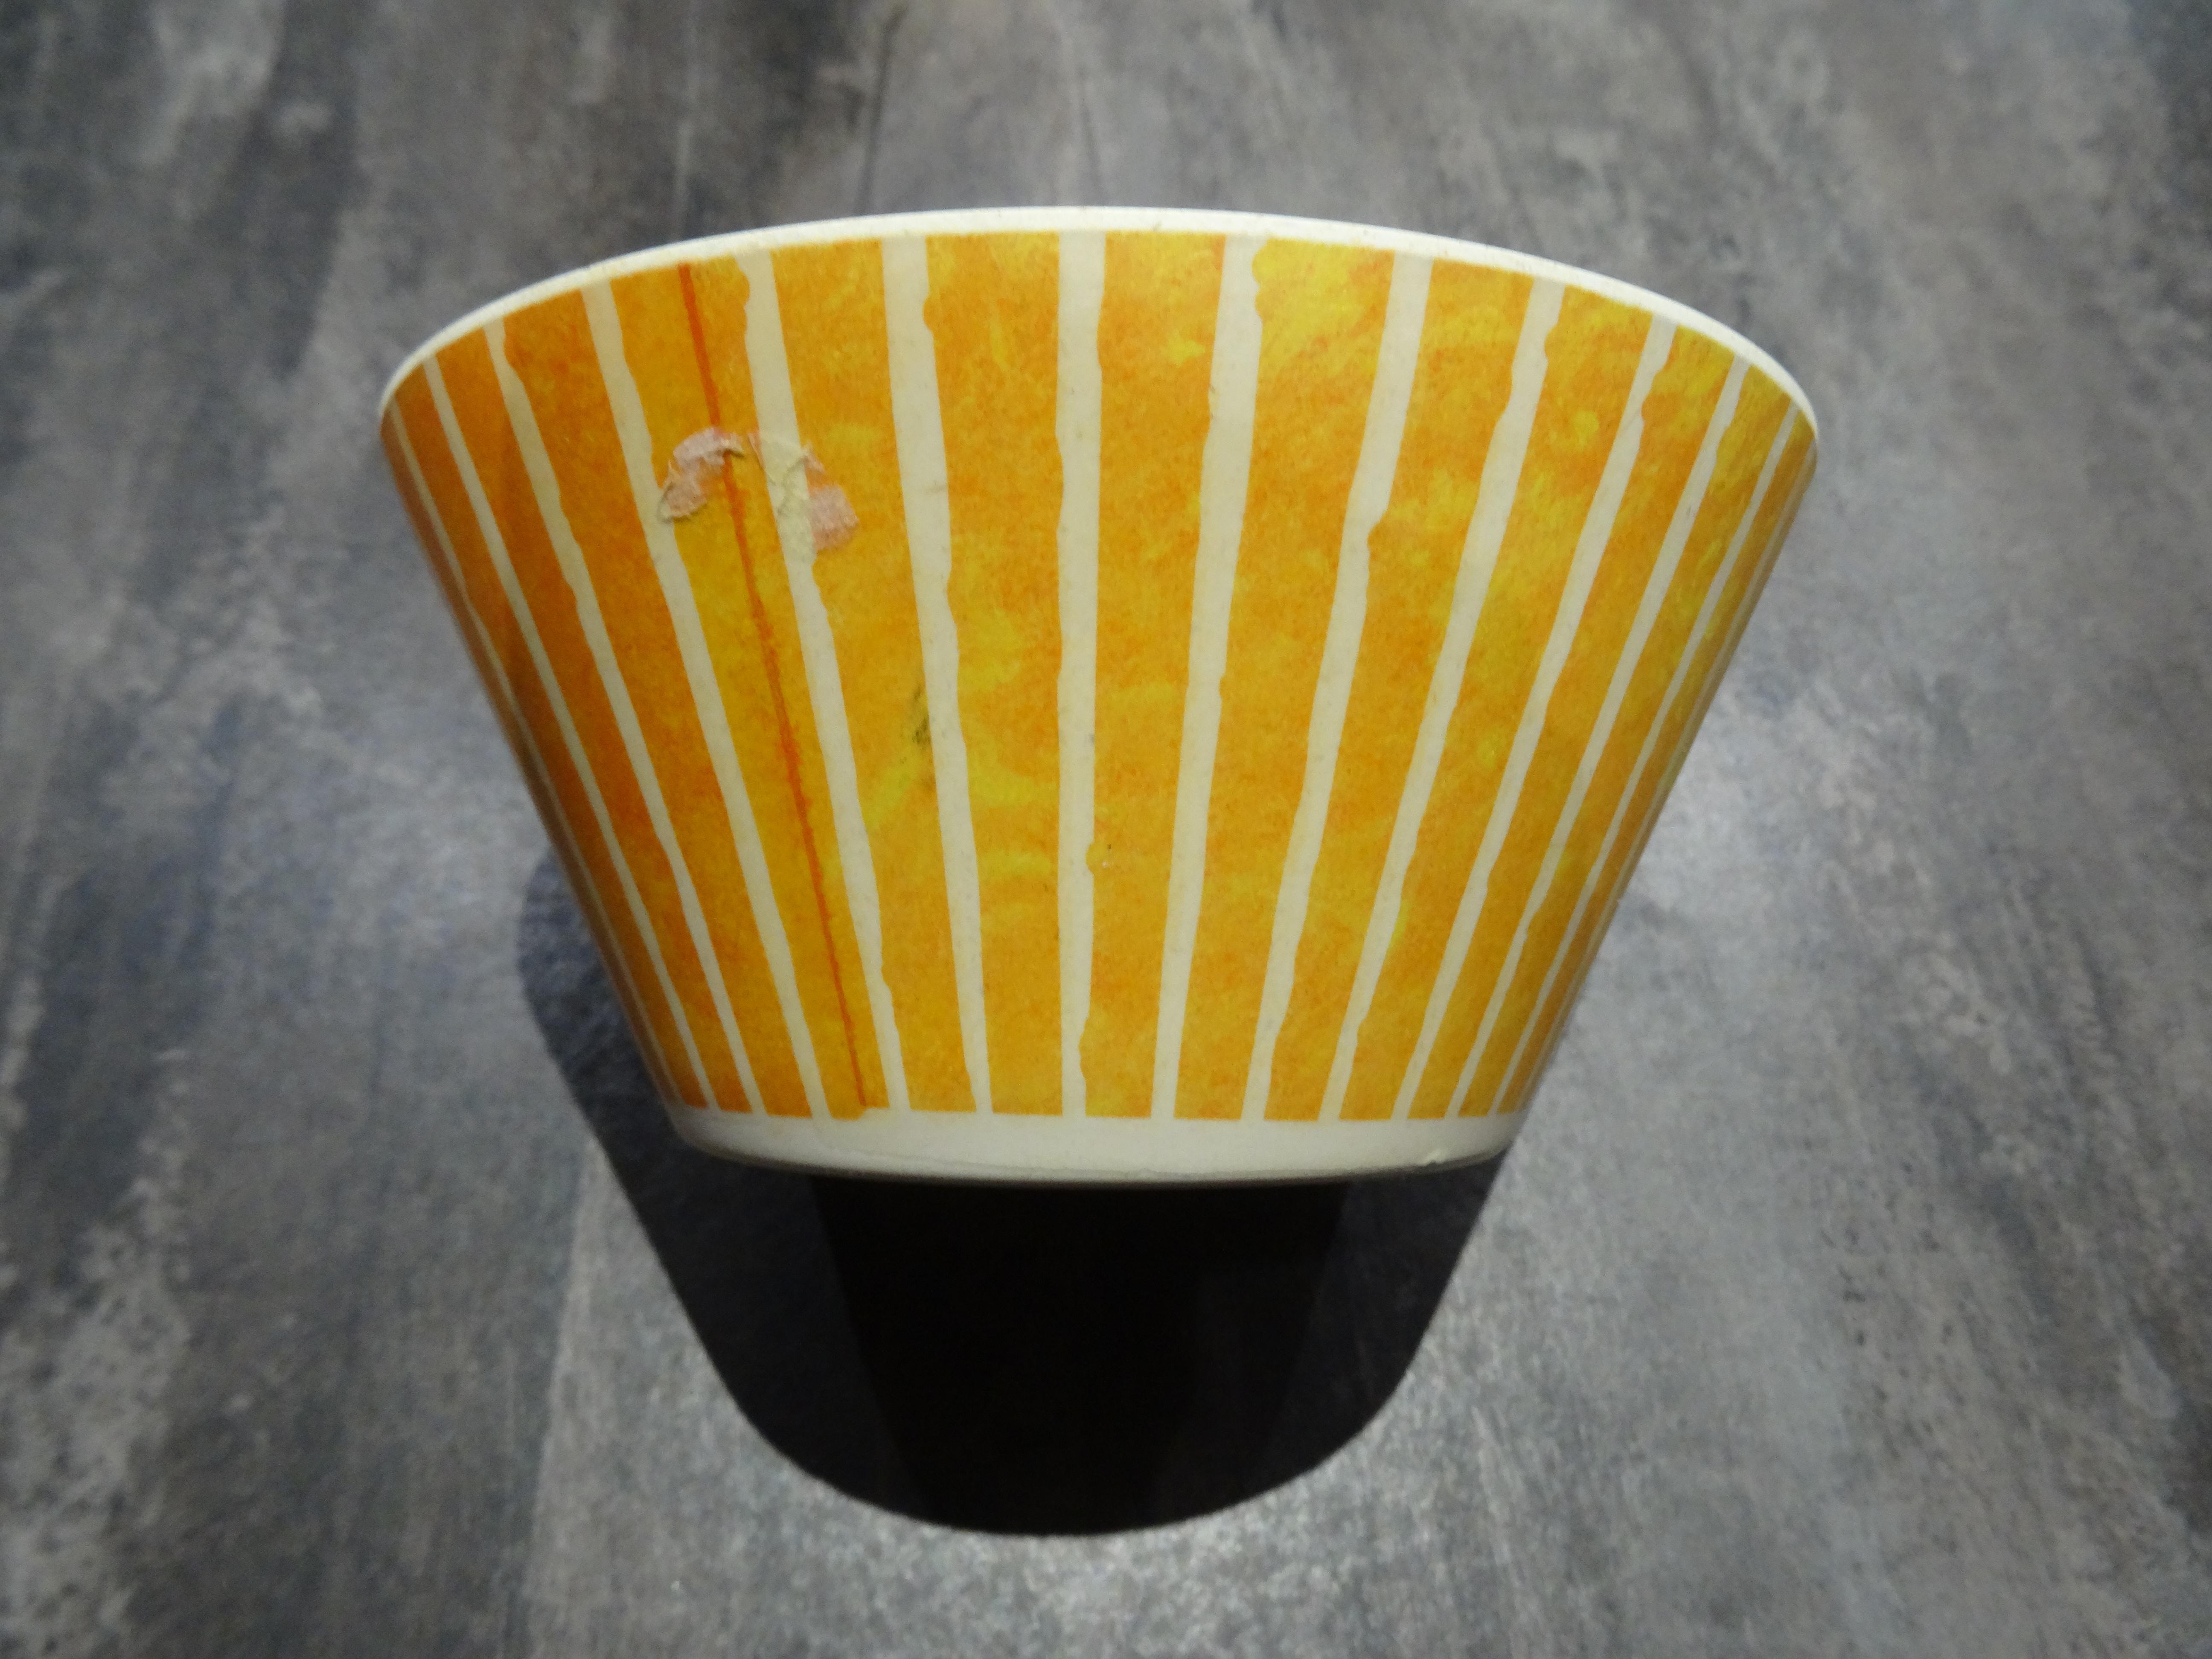 troc de troc bol plastique image 0